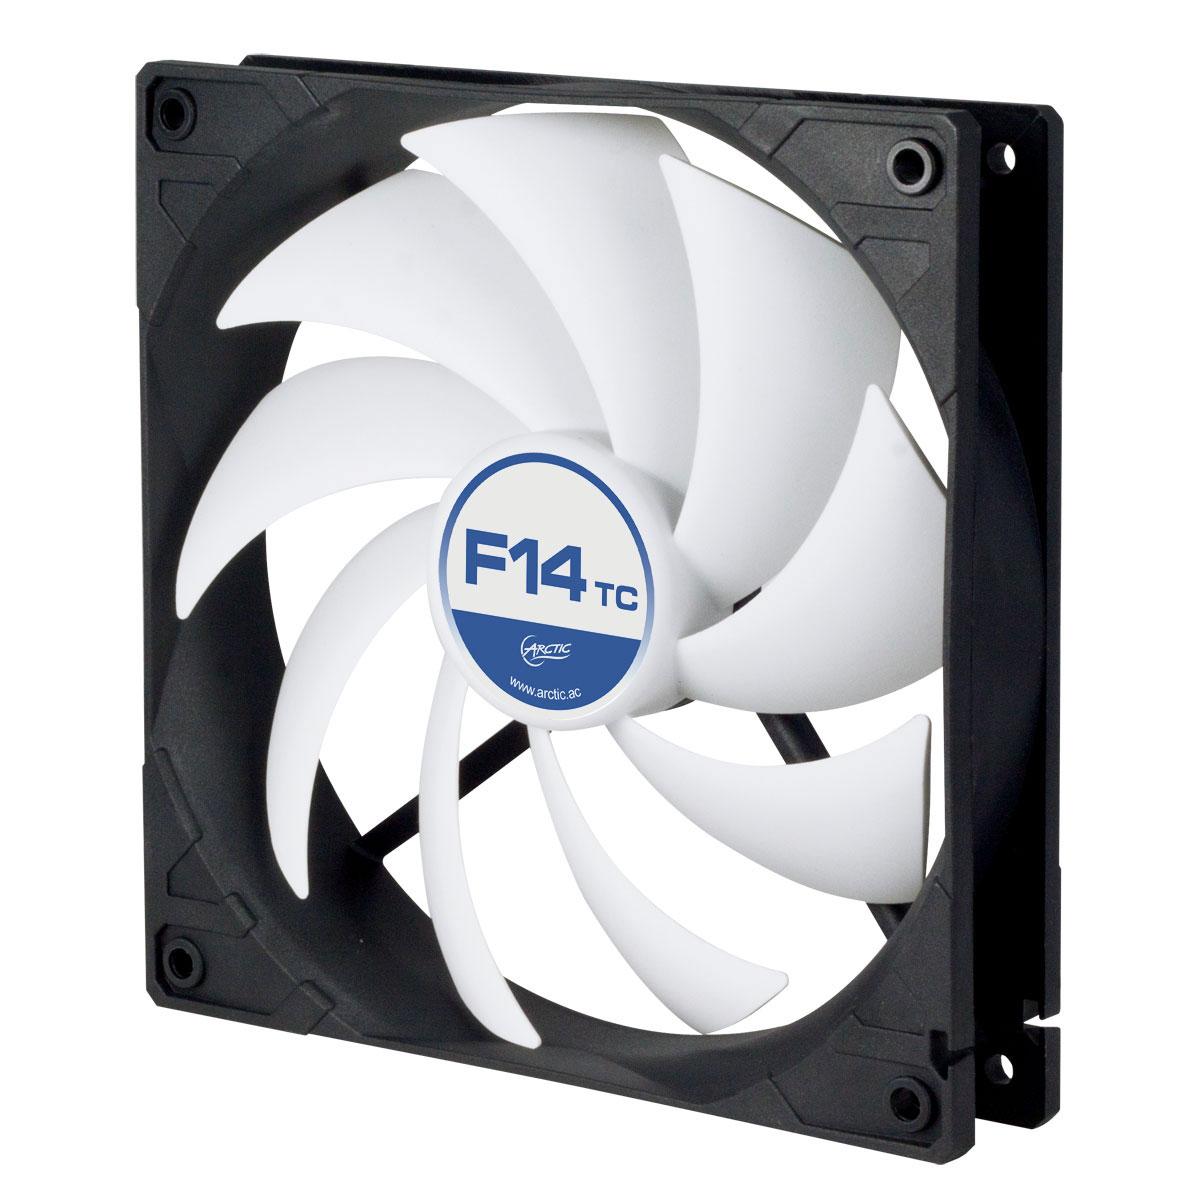 Ventilateur boîtier Arctic F14 TC Ventilateur de boîtier 140 mm haute performance avec température contrôlée